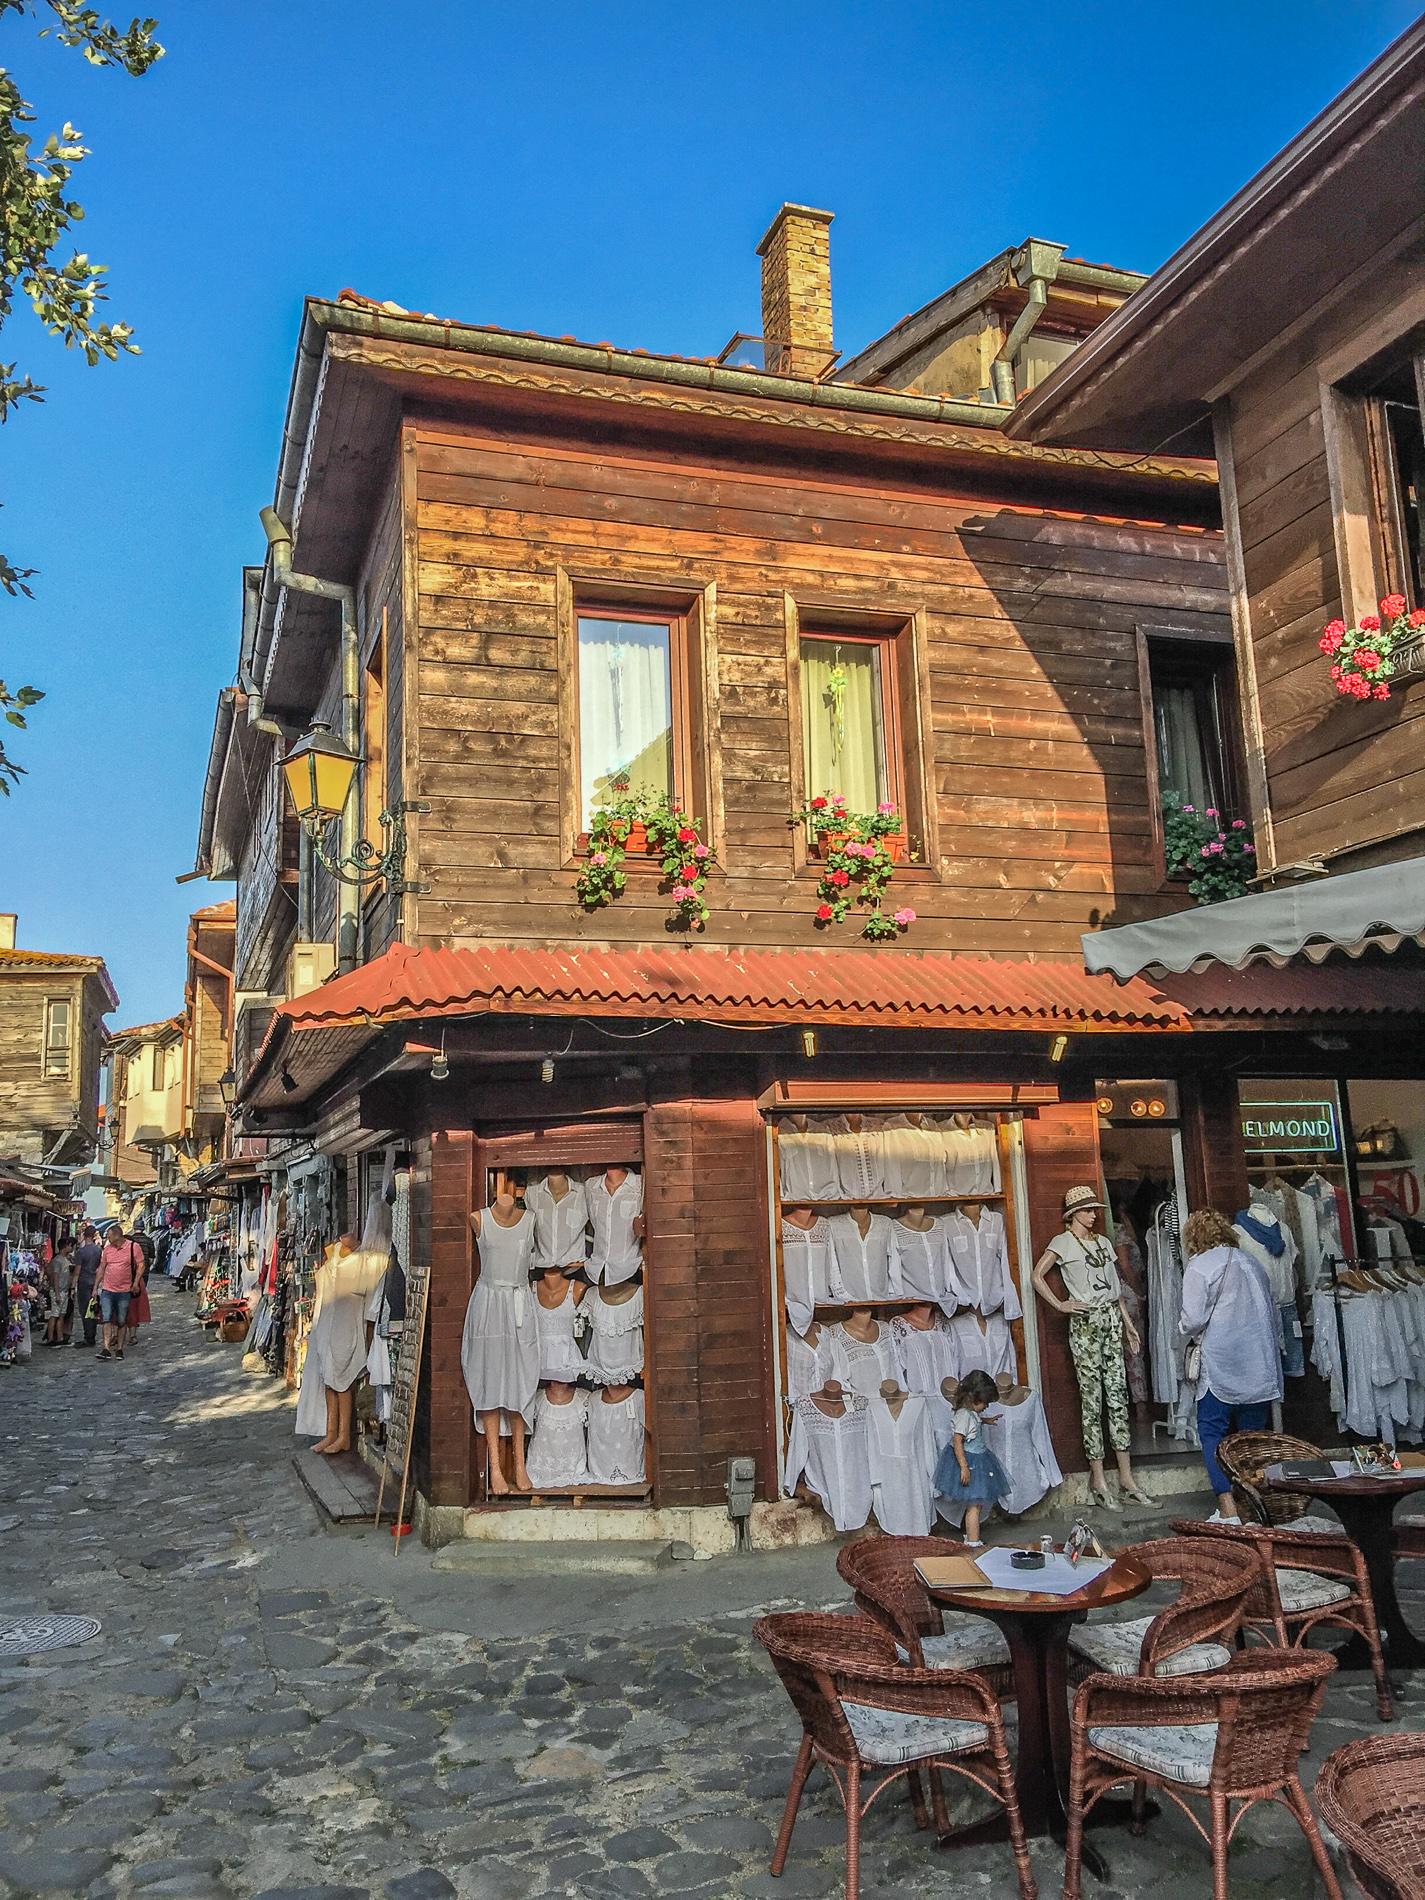 bulgaria co zobaczyc zdjecia